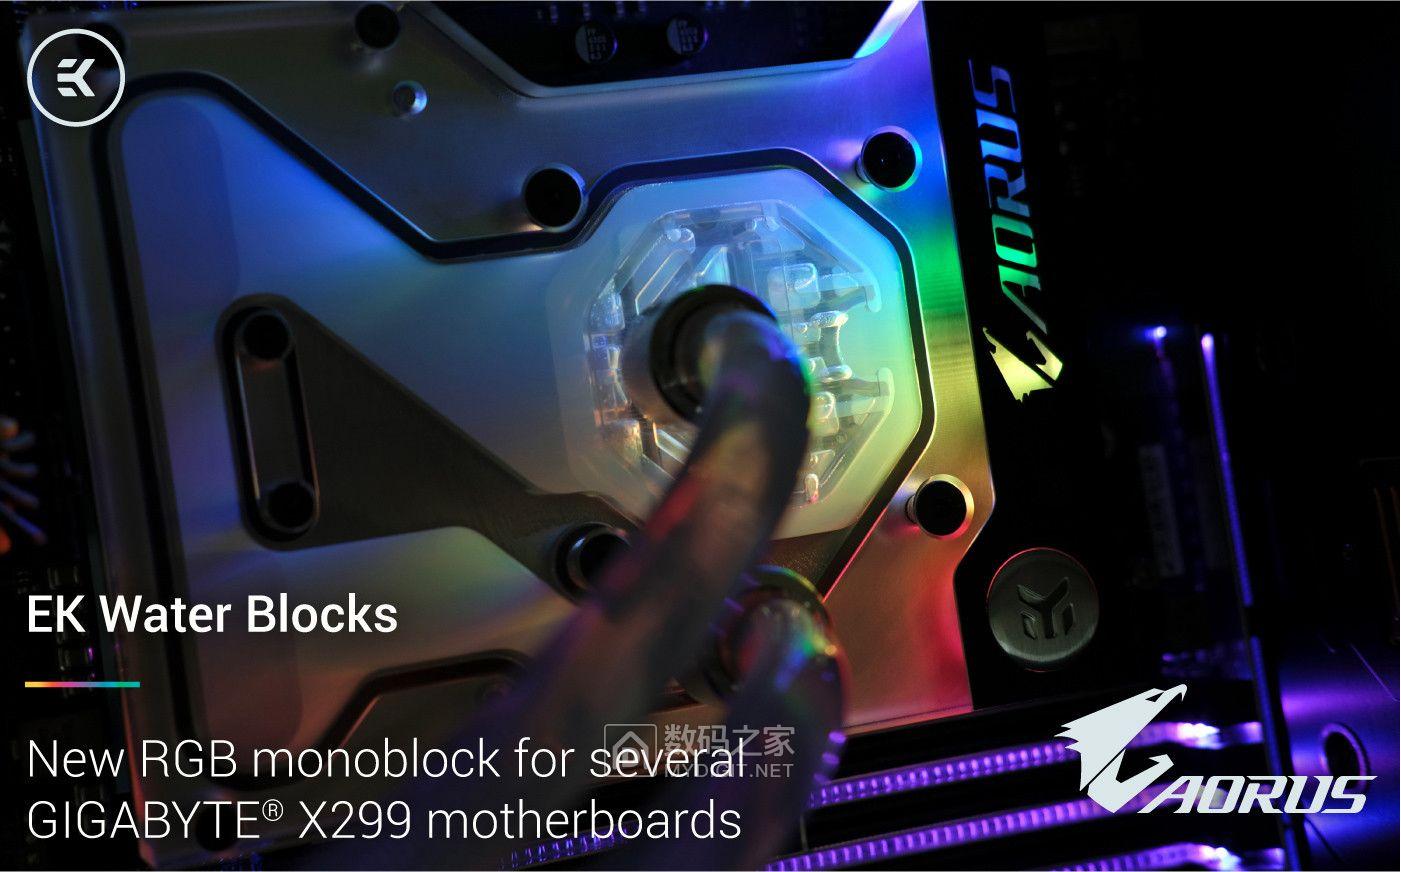 让信仰神雕飞得更快 EK发布GA X299 GAMING RGB一体式水冷头